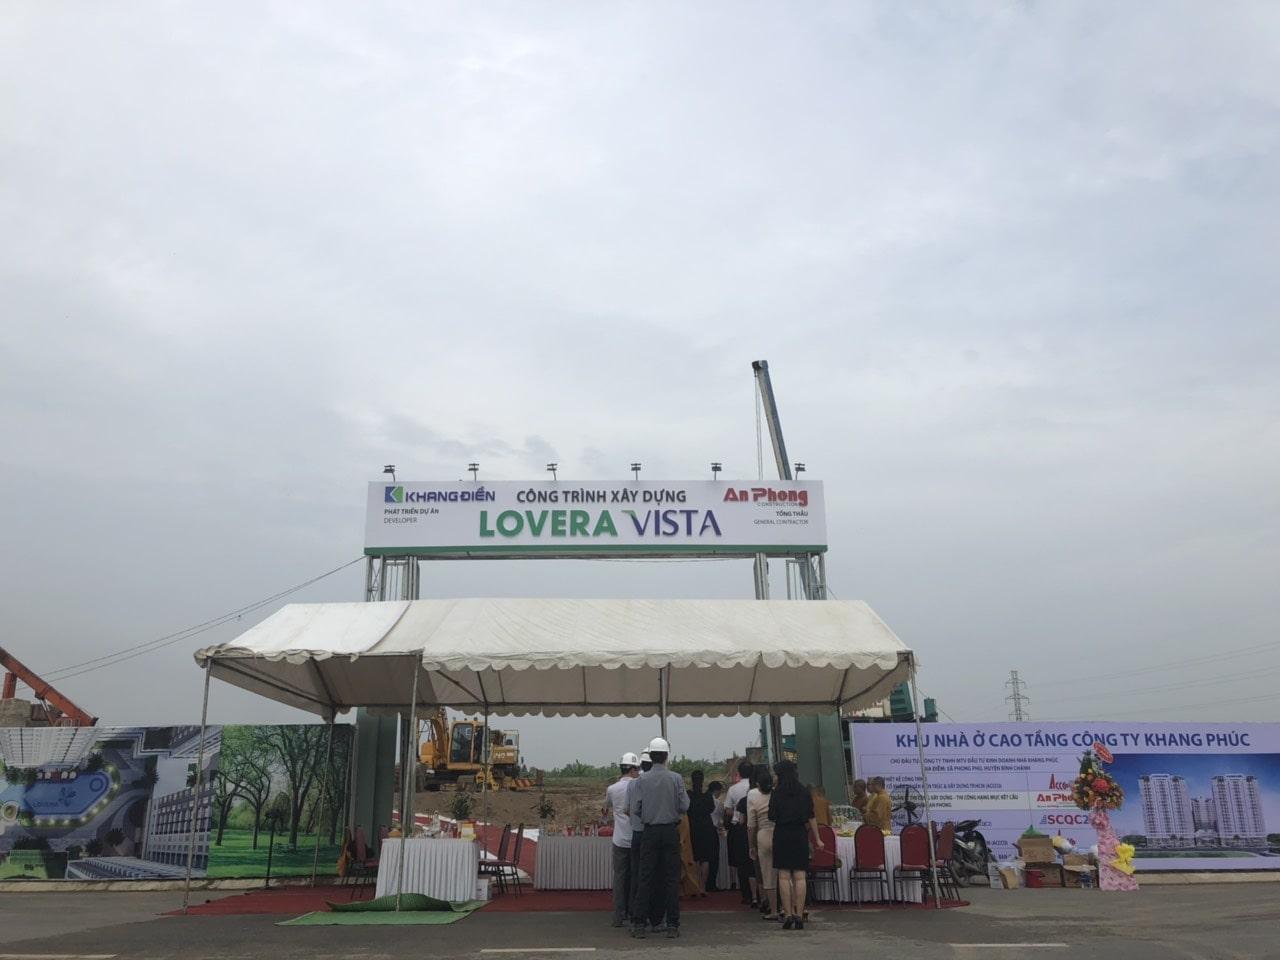 Cổng công trình xây dựng Lovera Vista Khang Điền